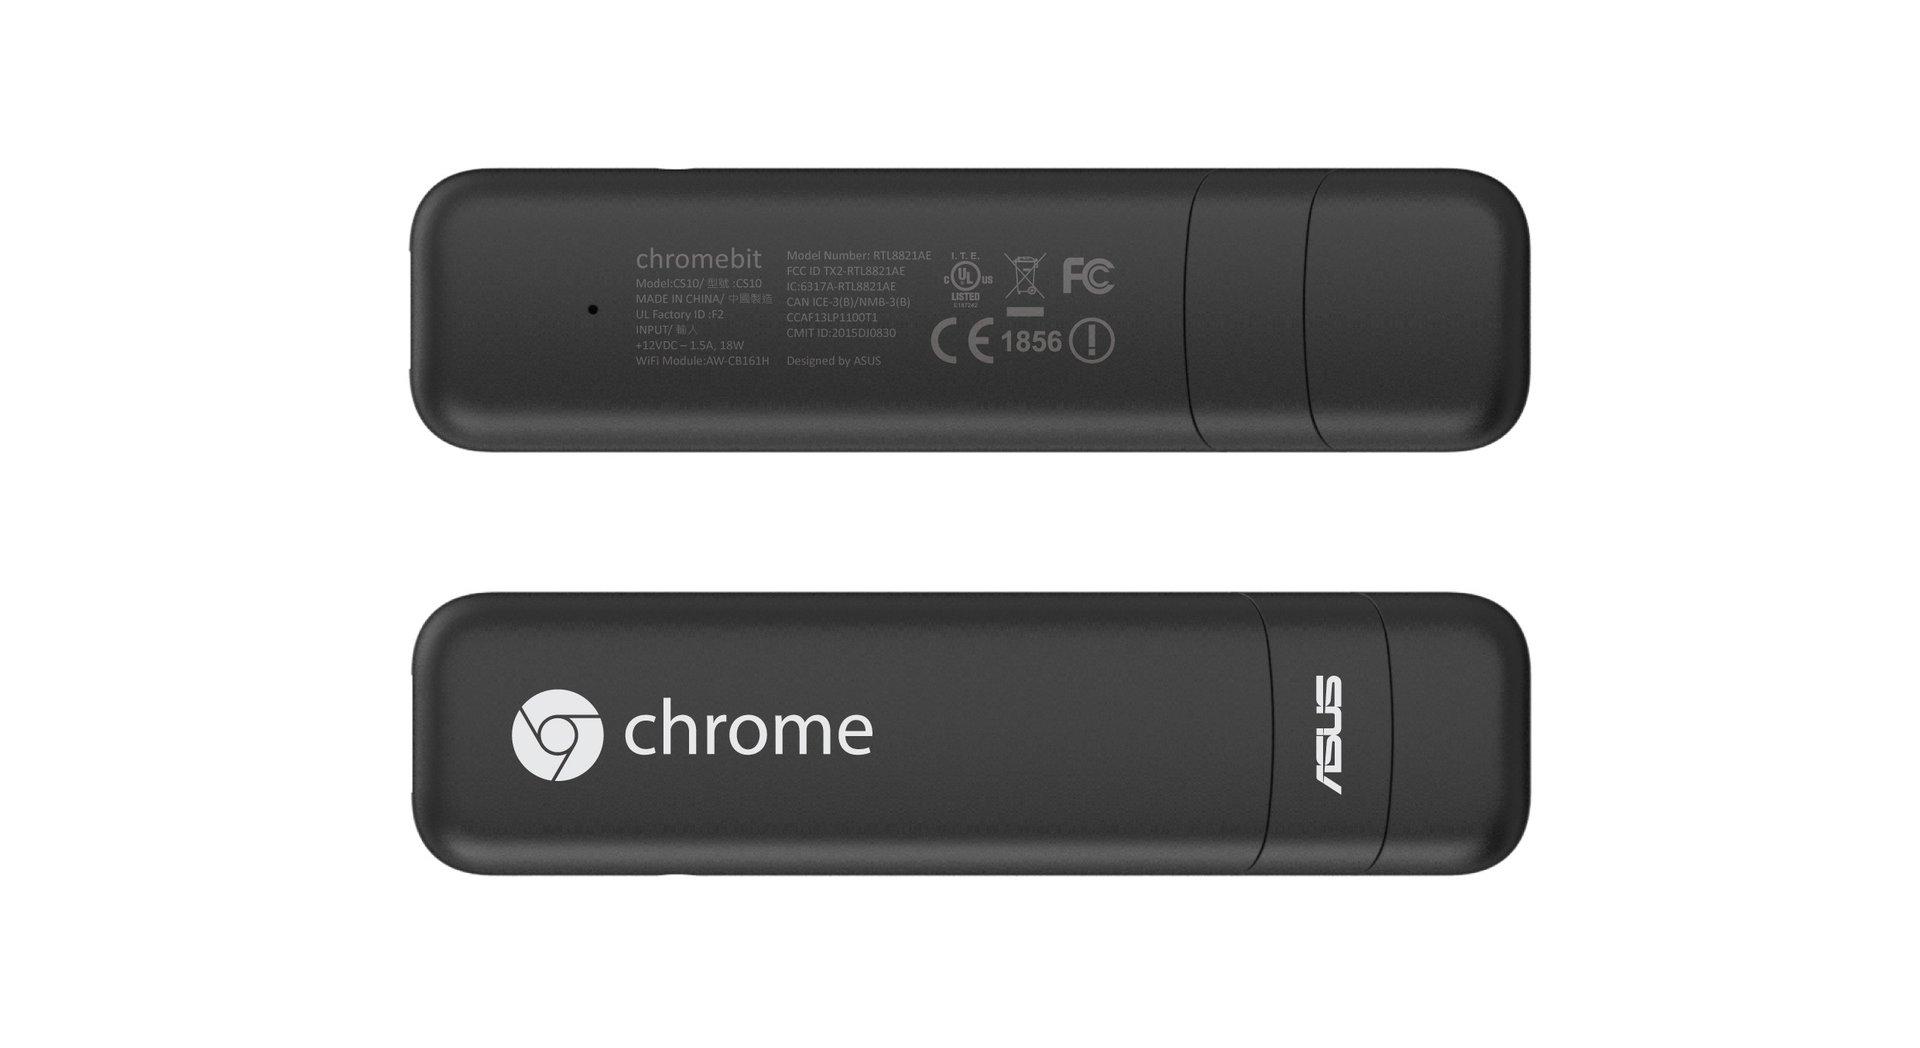 Der Asus Chromebit CS10 ist mit einer UVP von 129 Euro ausgezeichnet aber bereits unterhalb dieser Marke erhältlich